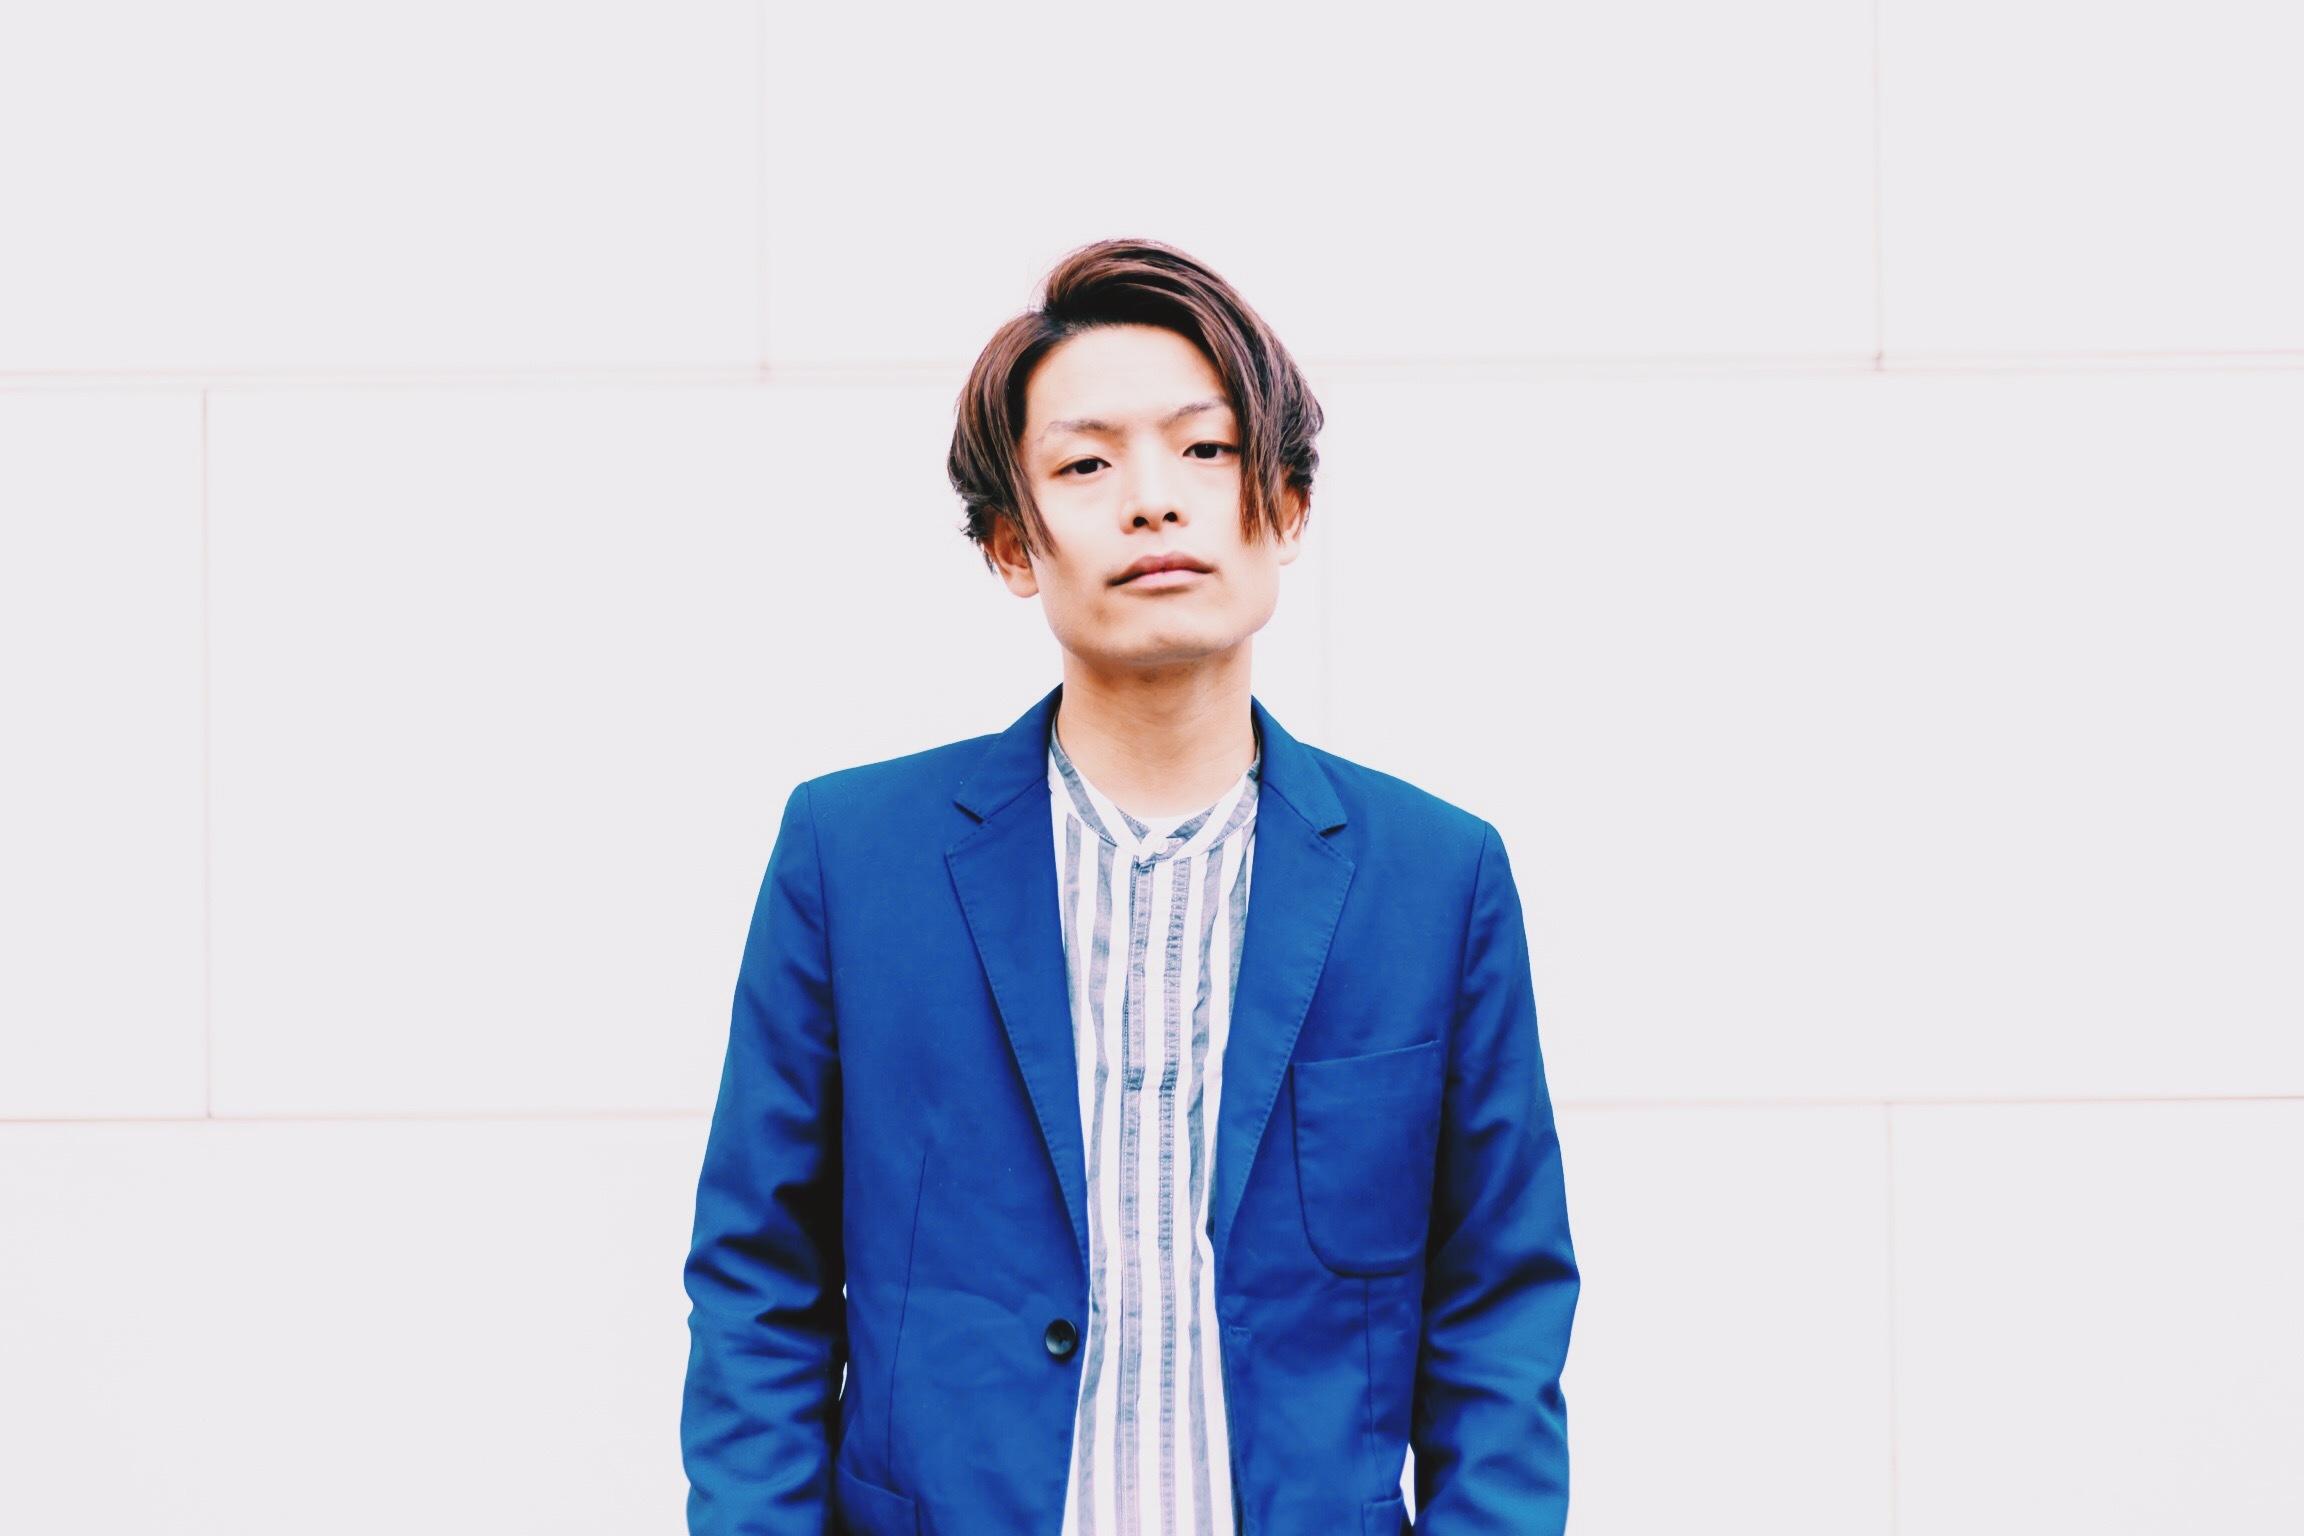 シンガーソングライター【ヒラカワリョウ】、NEW E.P. 制作プロジェクト